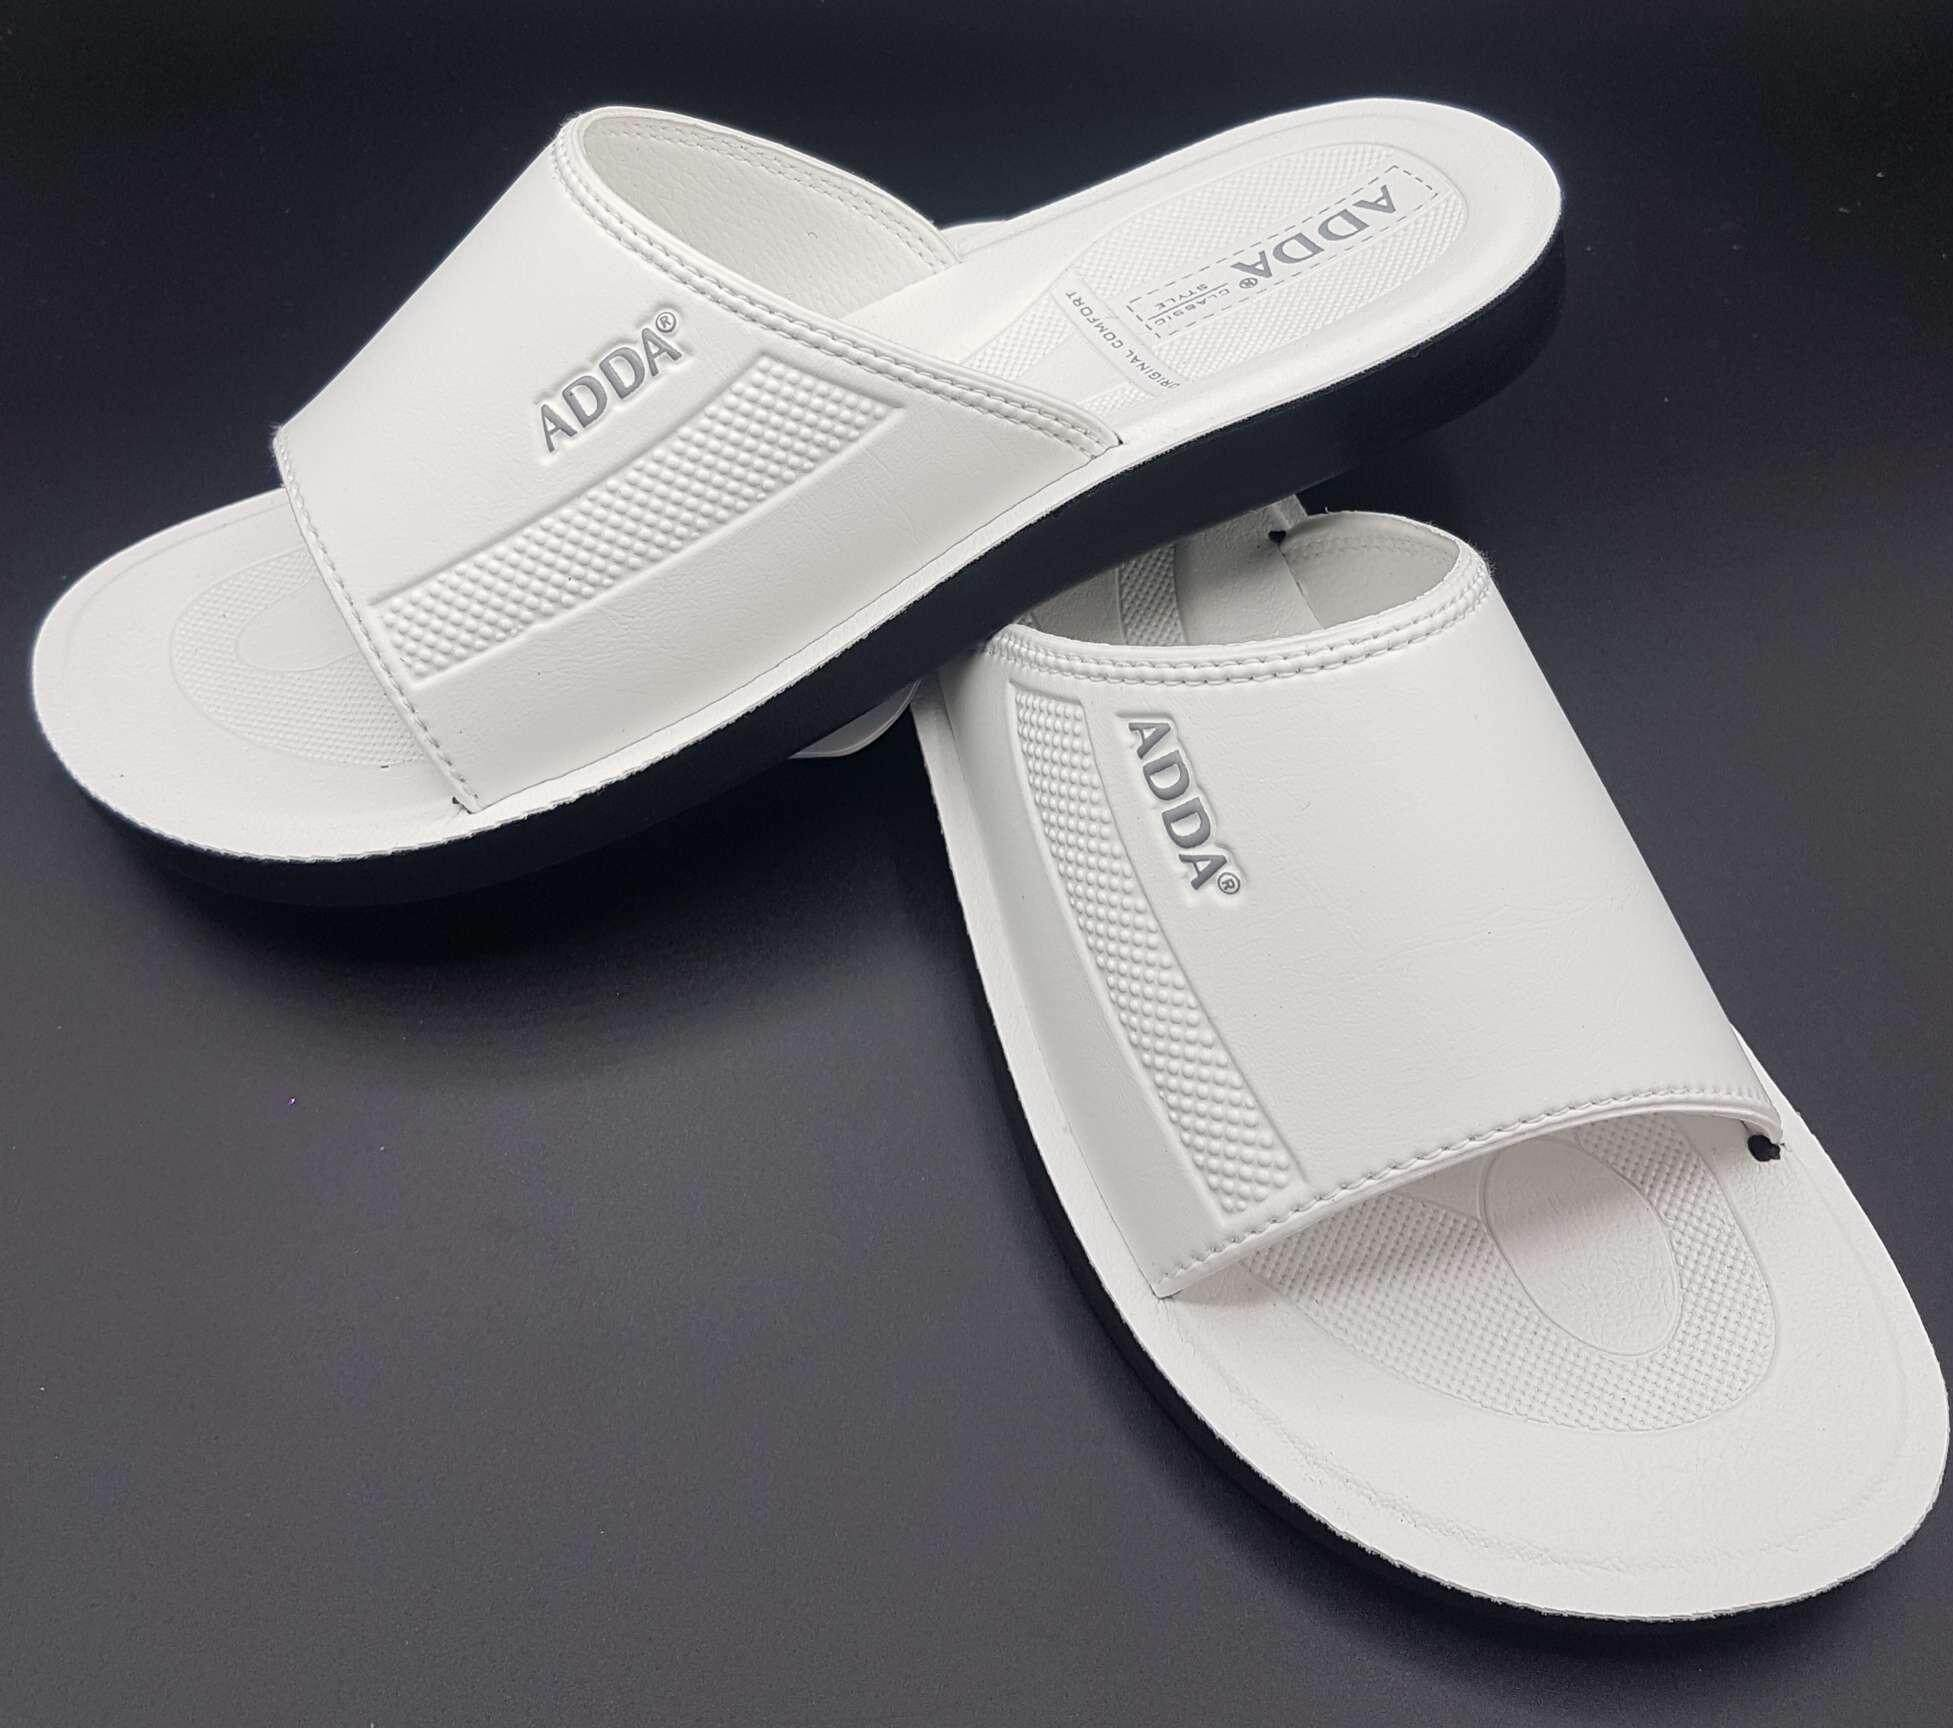 รองเท้าแตะ รองเท้าแตะชาย รองเท้าแตะผู้ชาย รองเท้าแตะแอ๊ดด้า Adda รองเท้าแบบสวม Shoes Shoes men 7q13